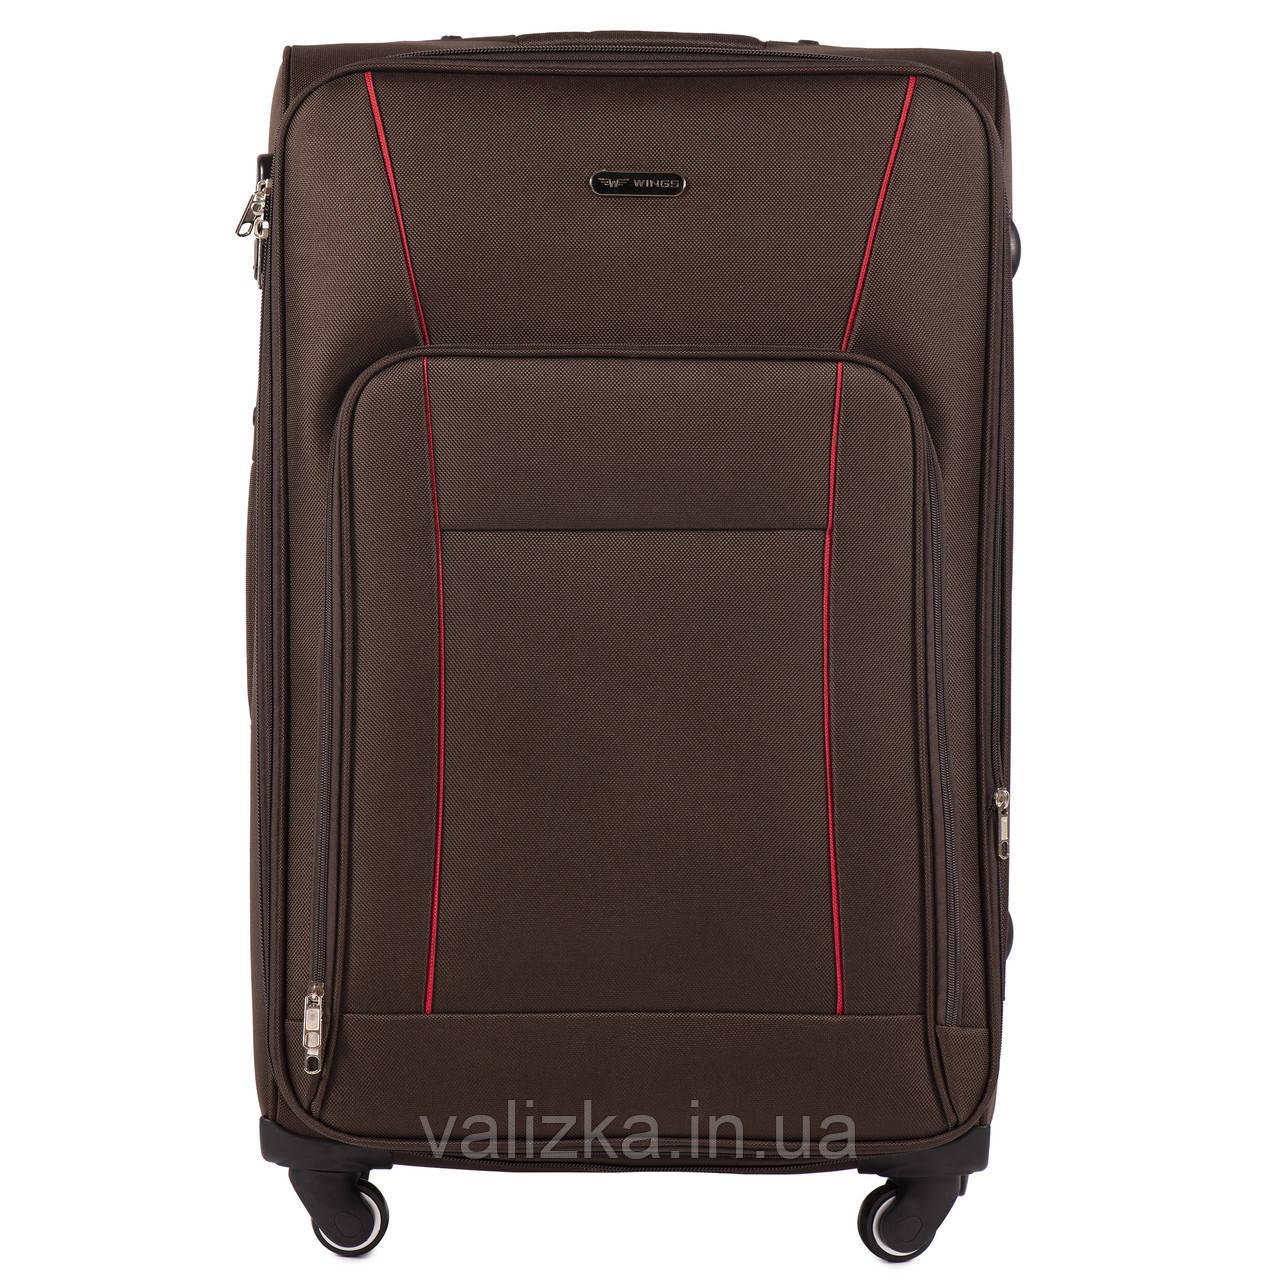 Великий тканинний коричневий чемодан на 4-х колесах Wings 1609